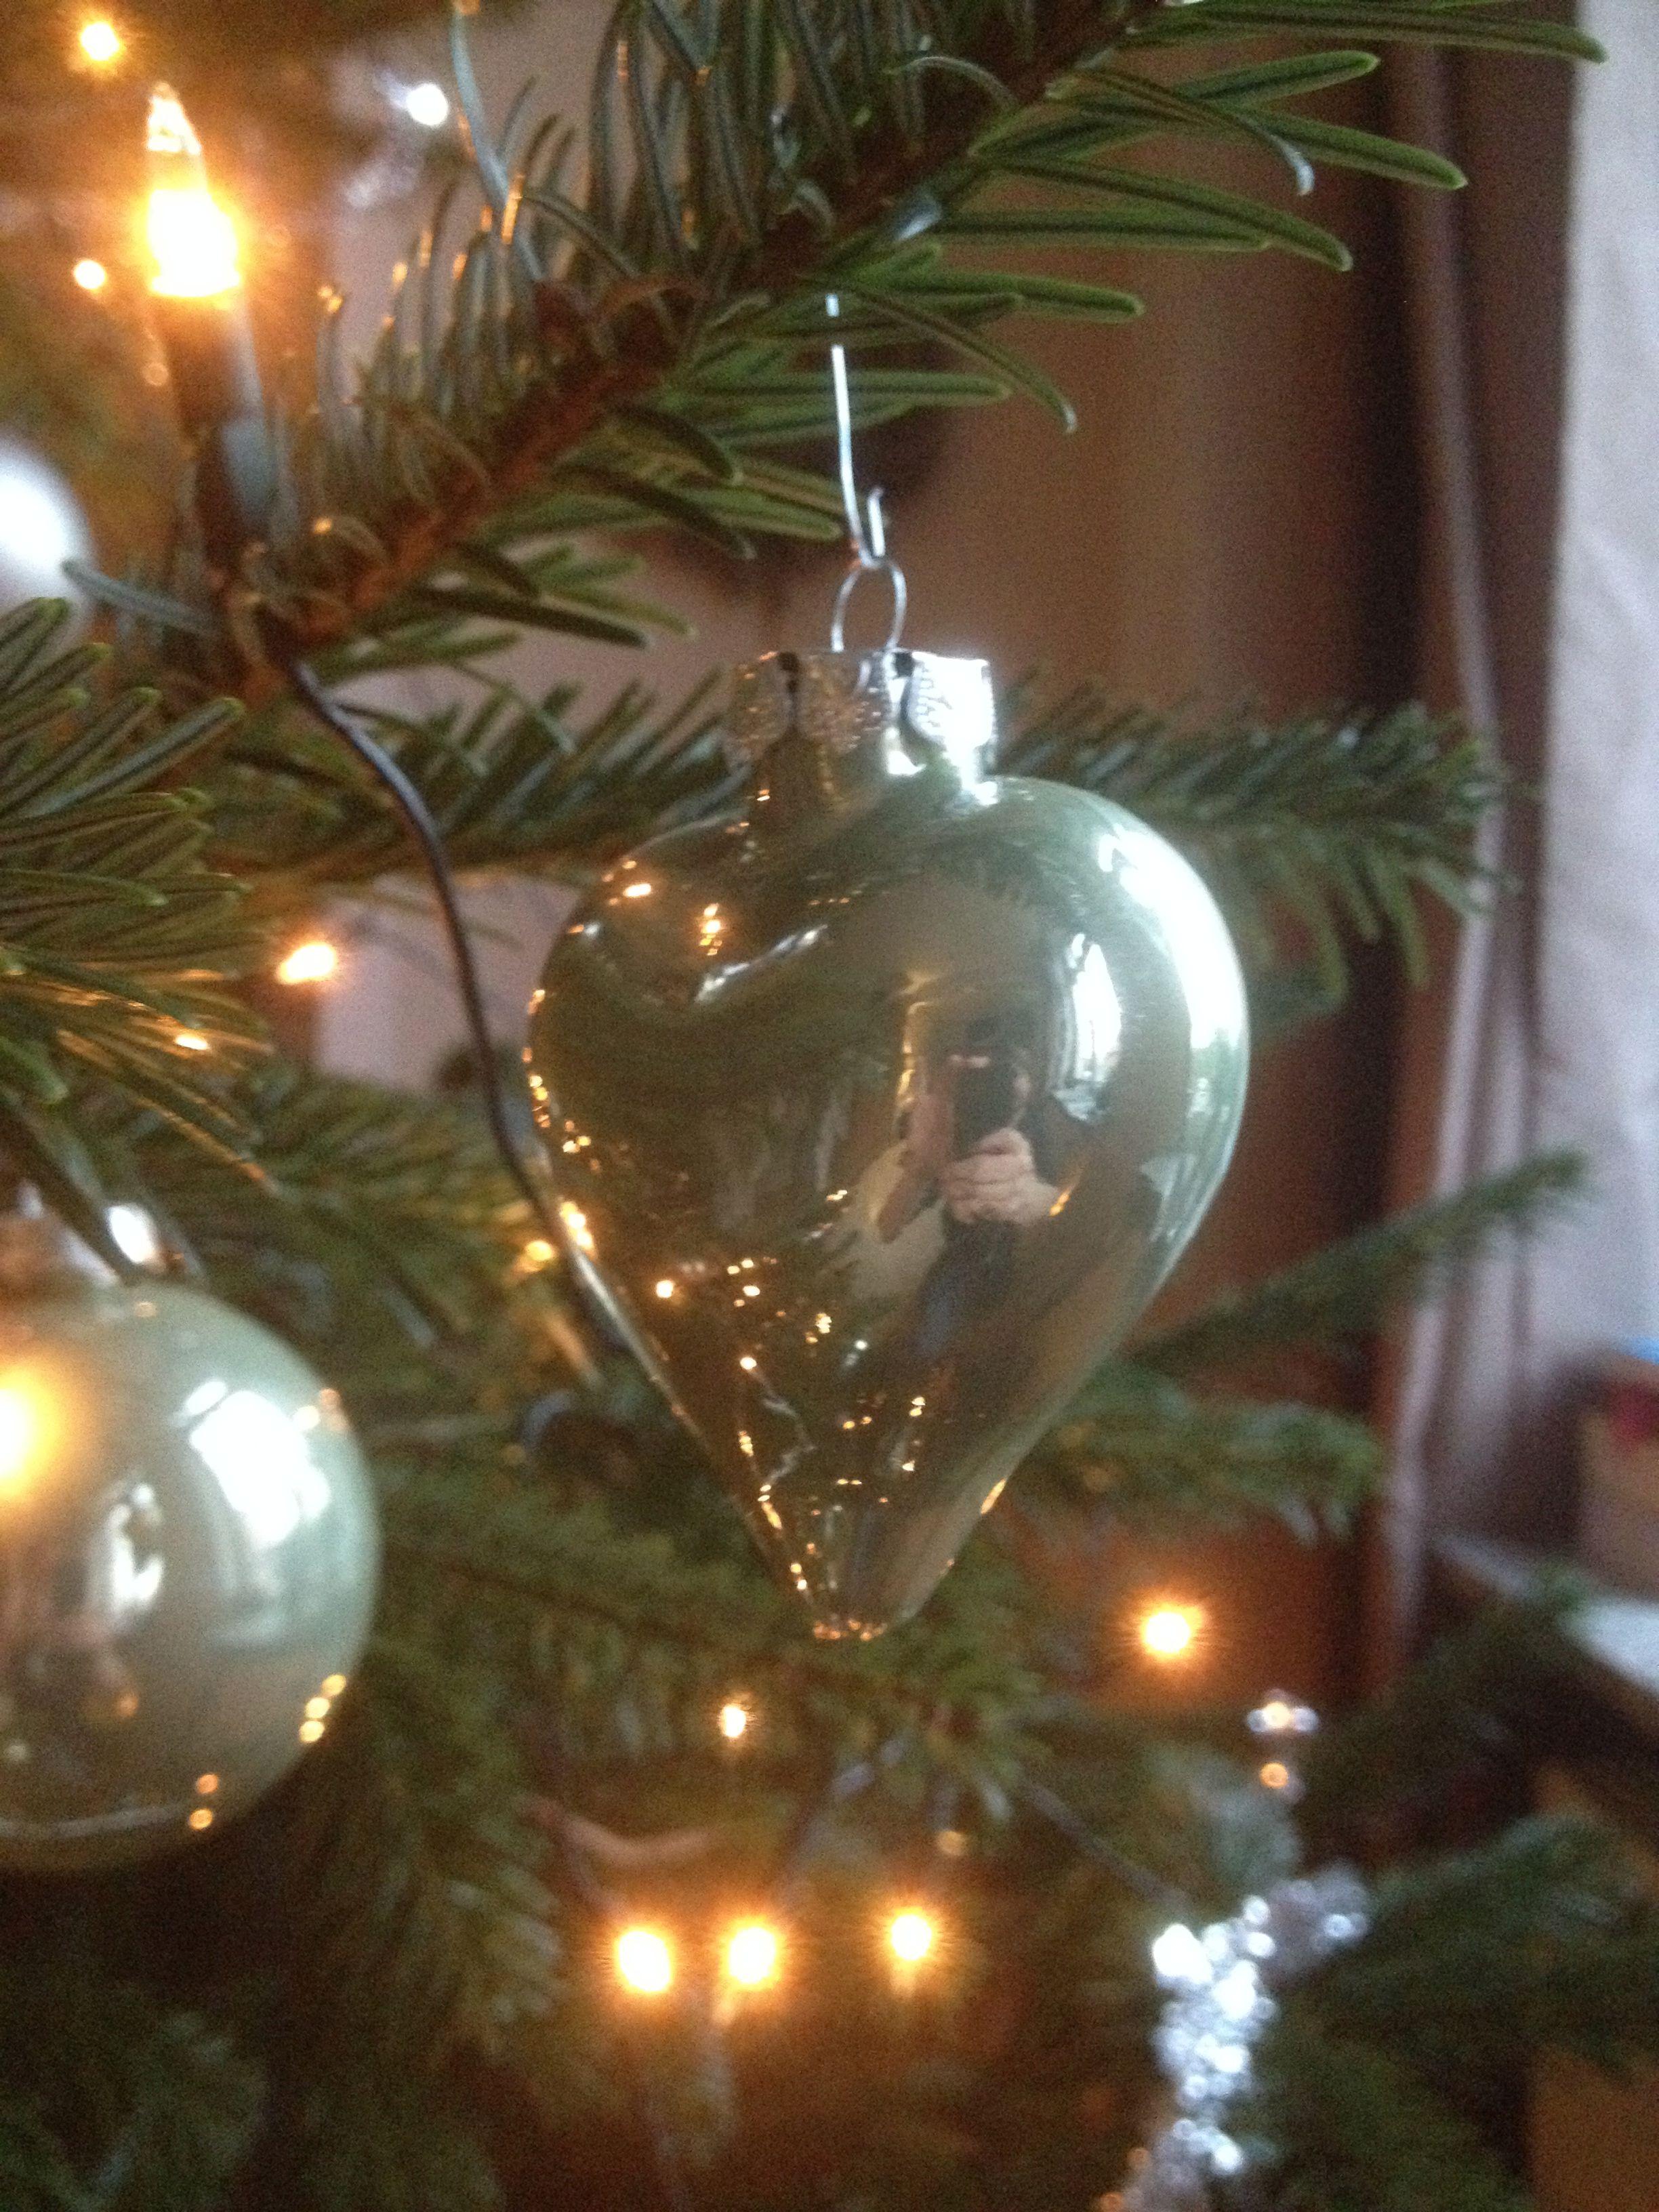 Plattdeutsche Weihnachtsgeschichte 2010 - Die himmlische Ruhe